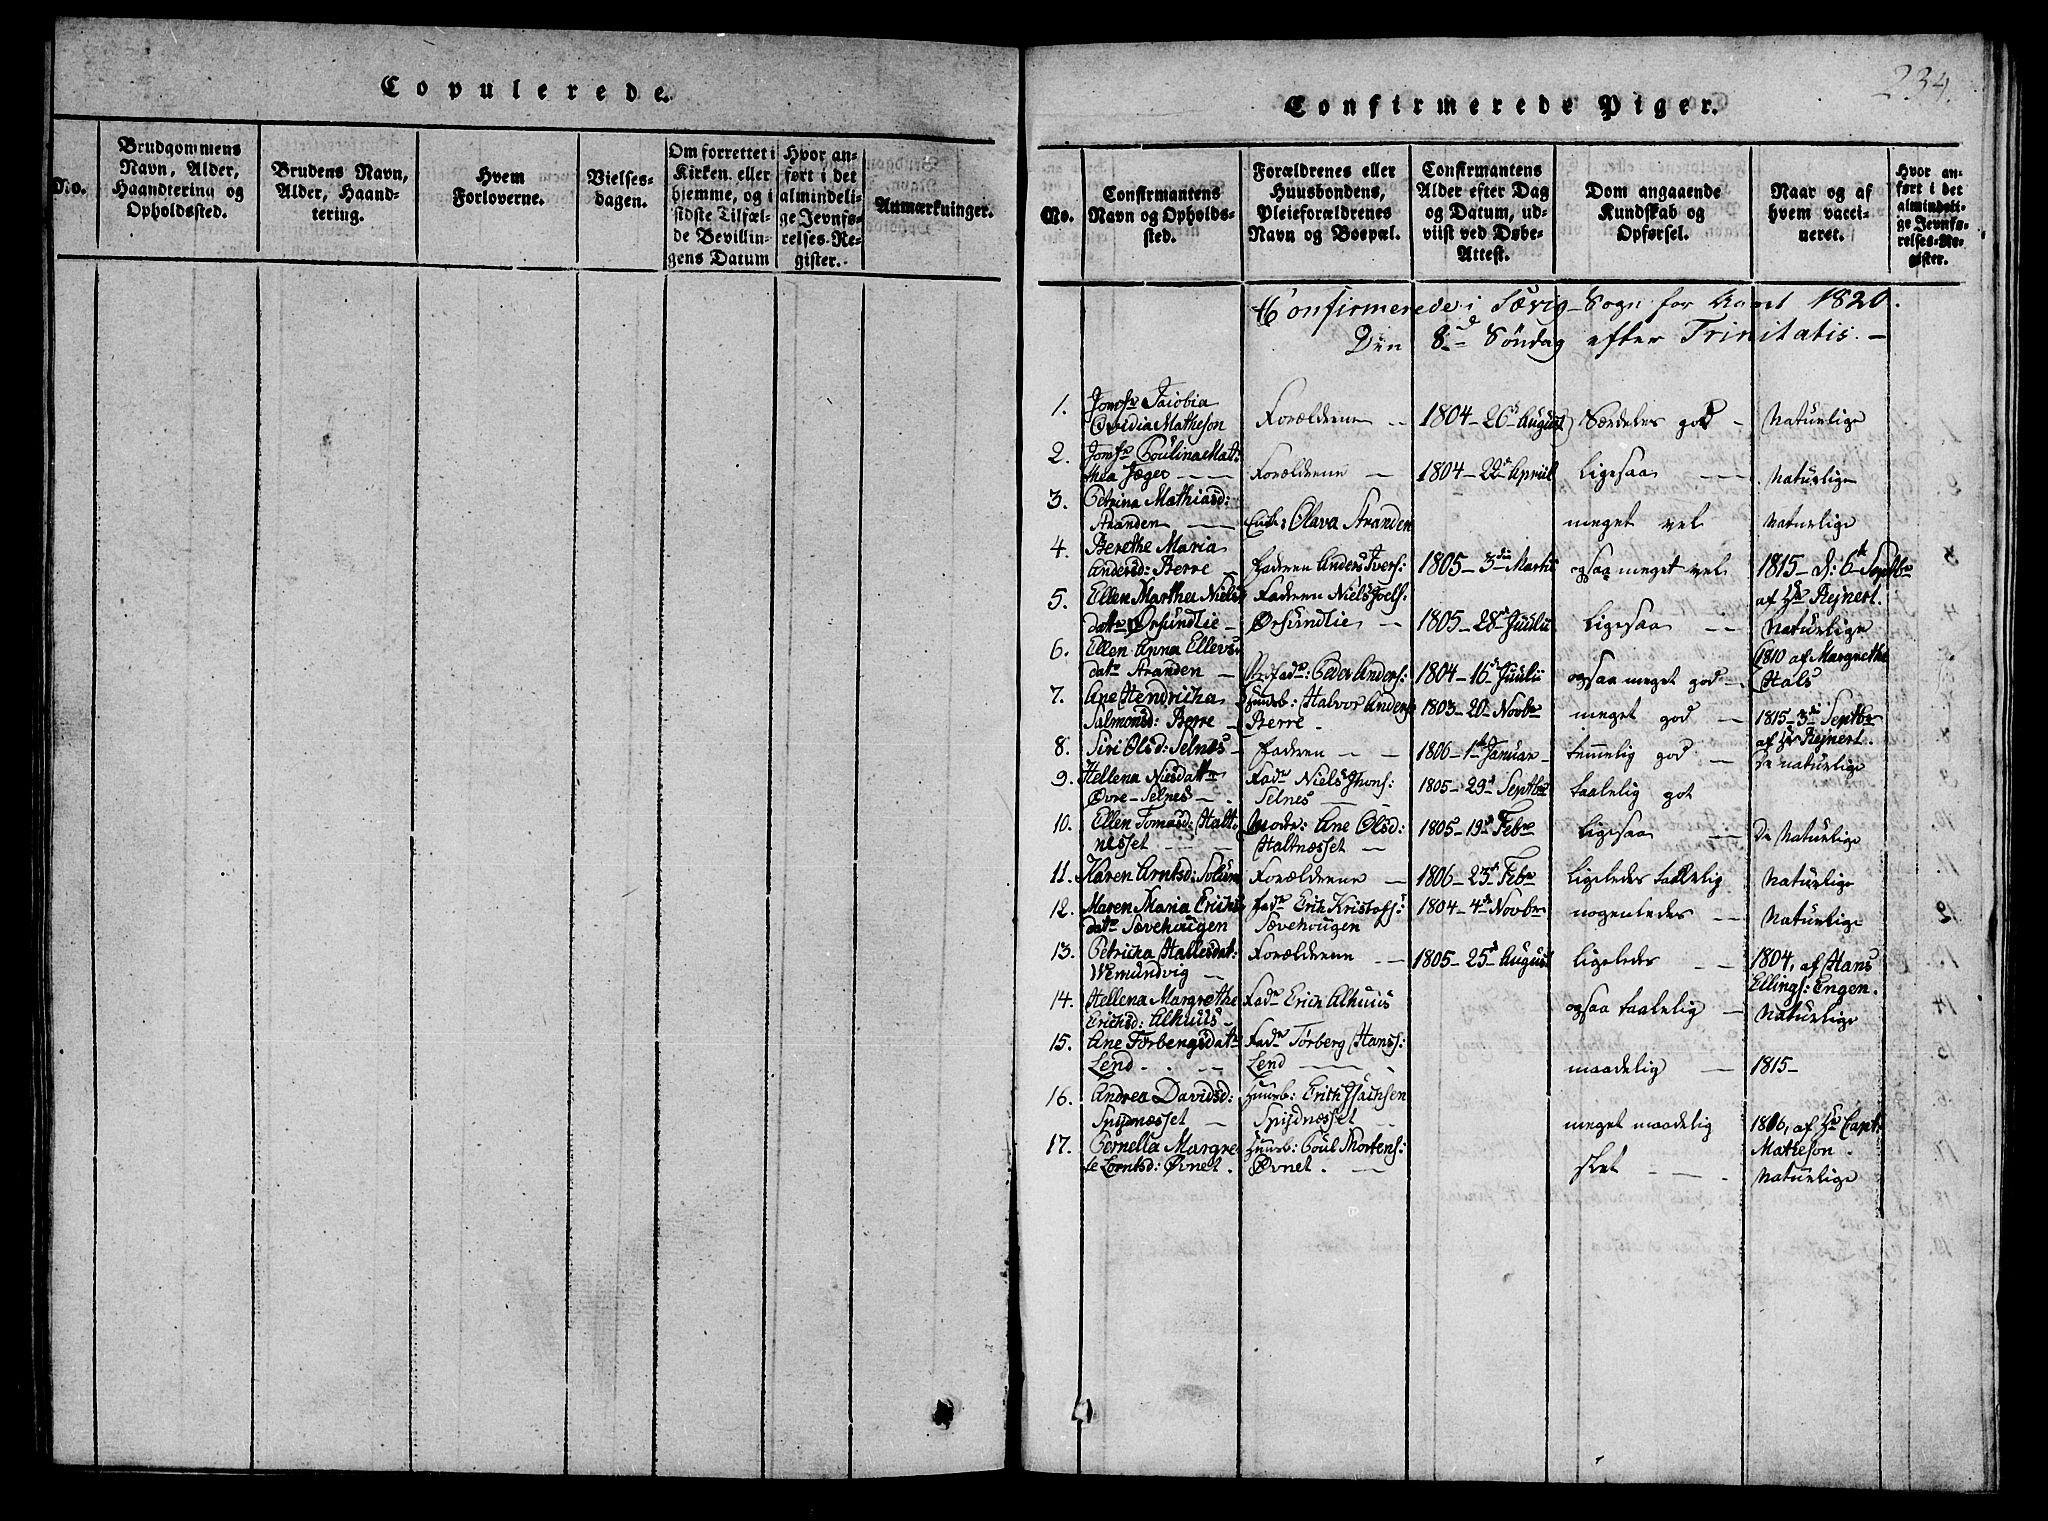 SAT, Ministerialprotokoller, klokkerbøker og fødselsregistre - Nord-Trøndelag, 770/L0588: Ministerialbok nr. 770A02, 1819-1823, s. 234